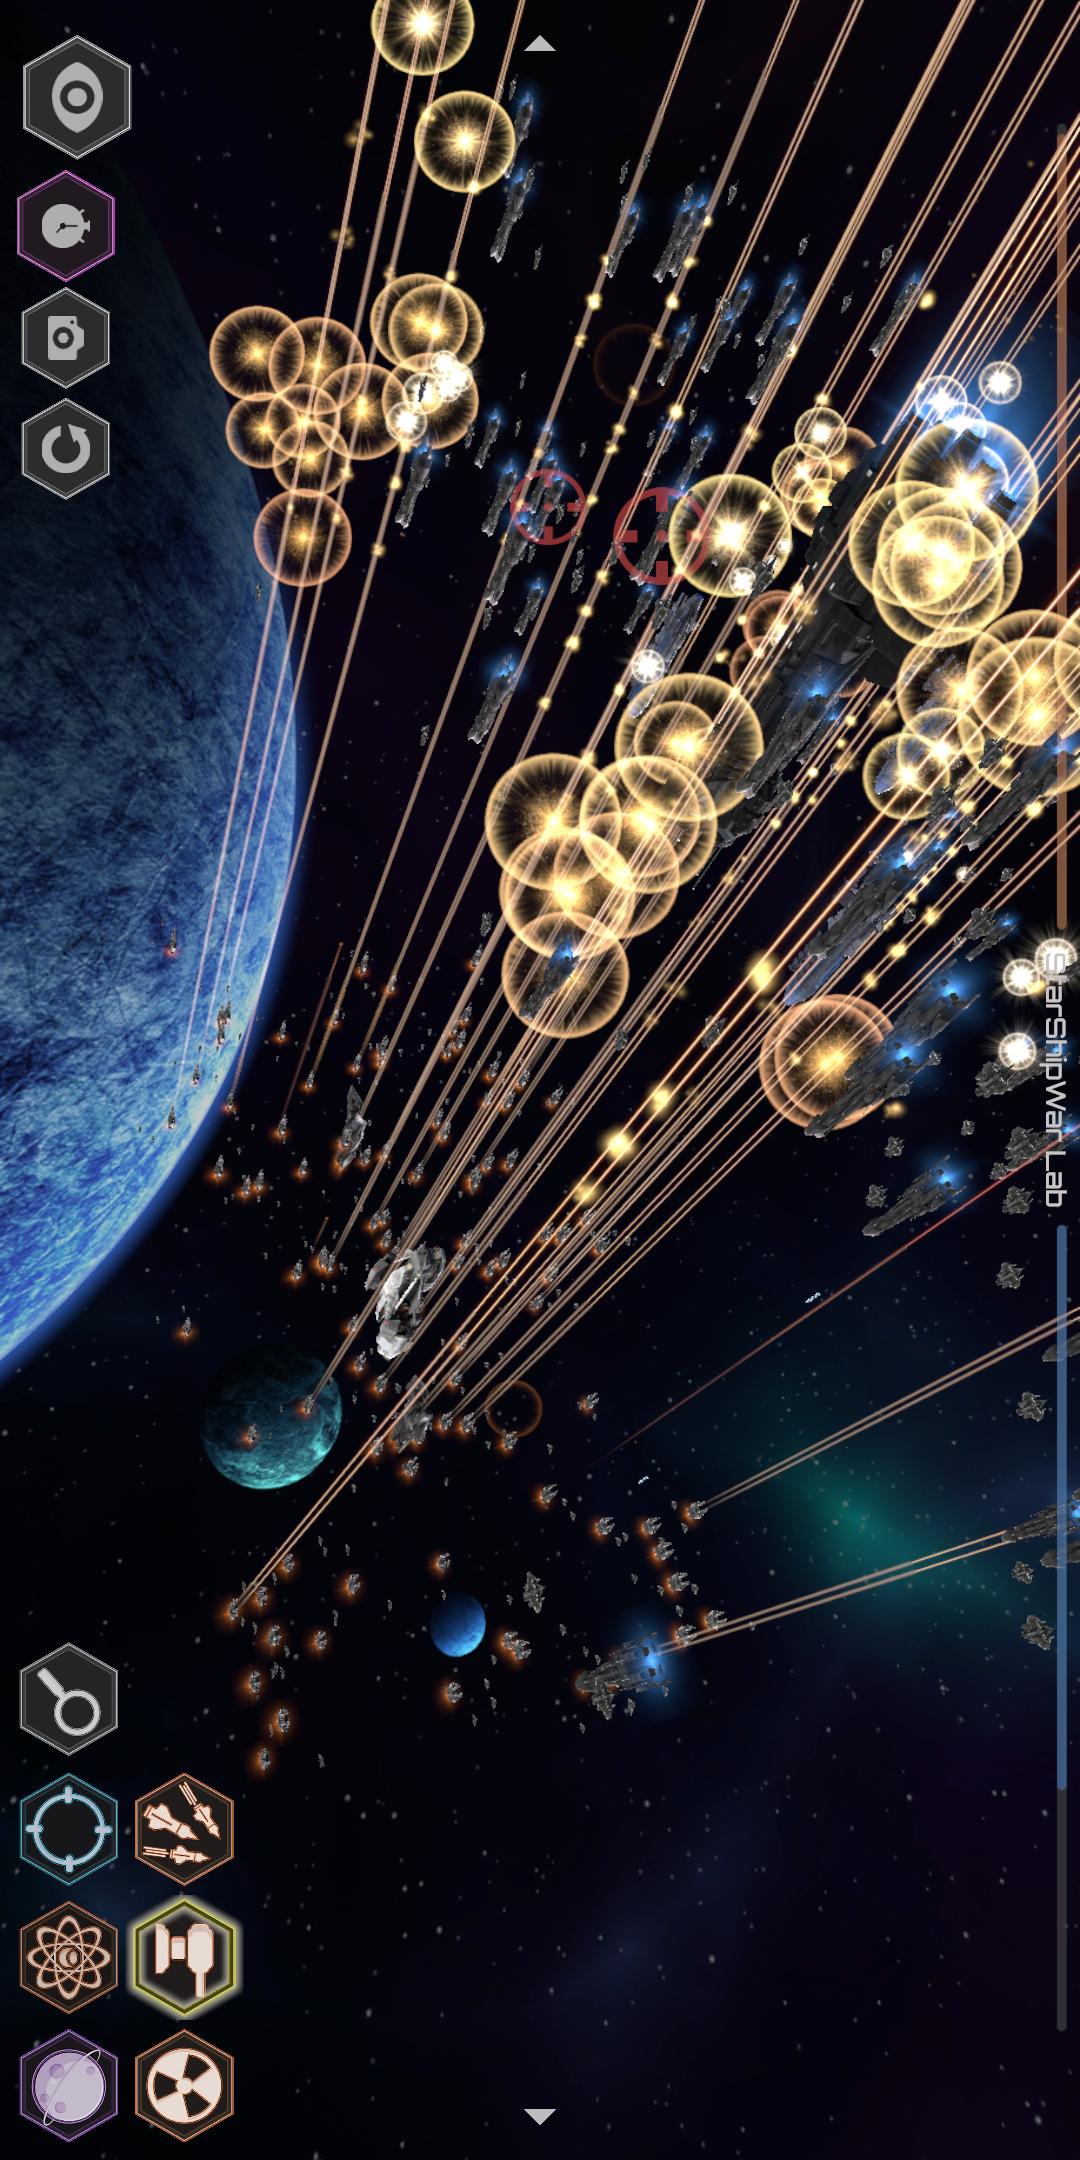 星舰实验室游戏截图